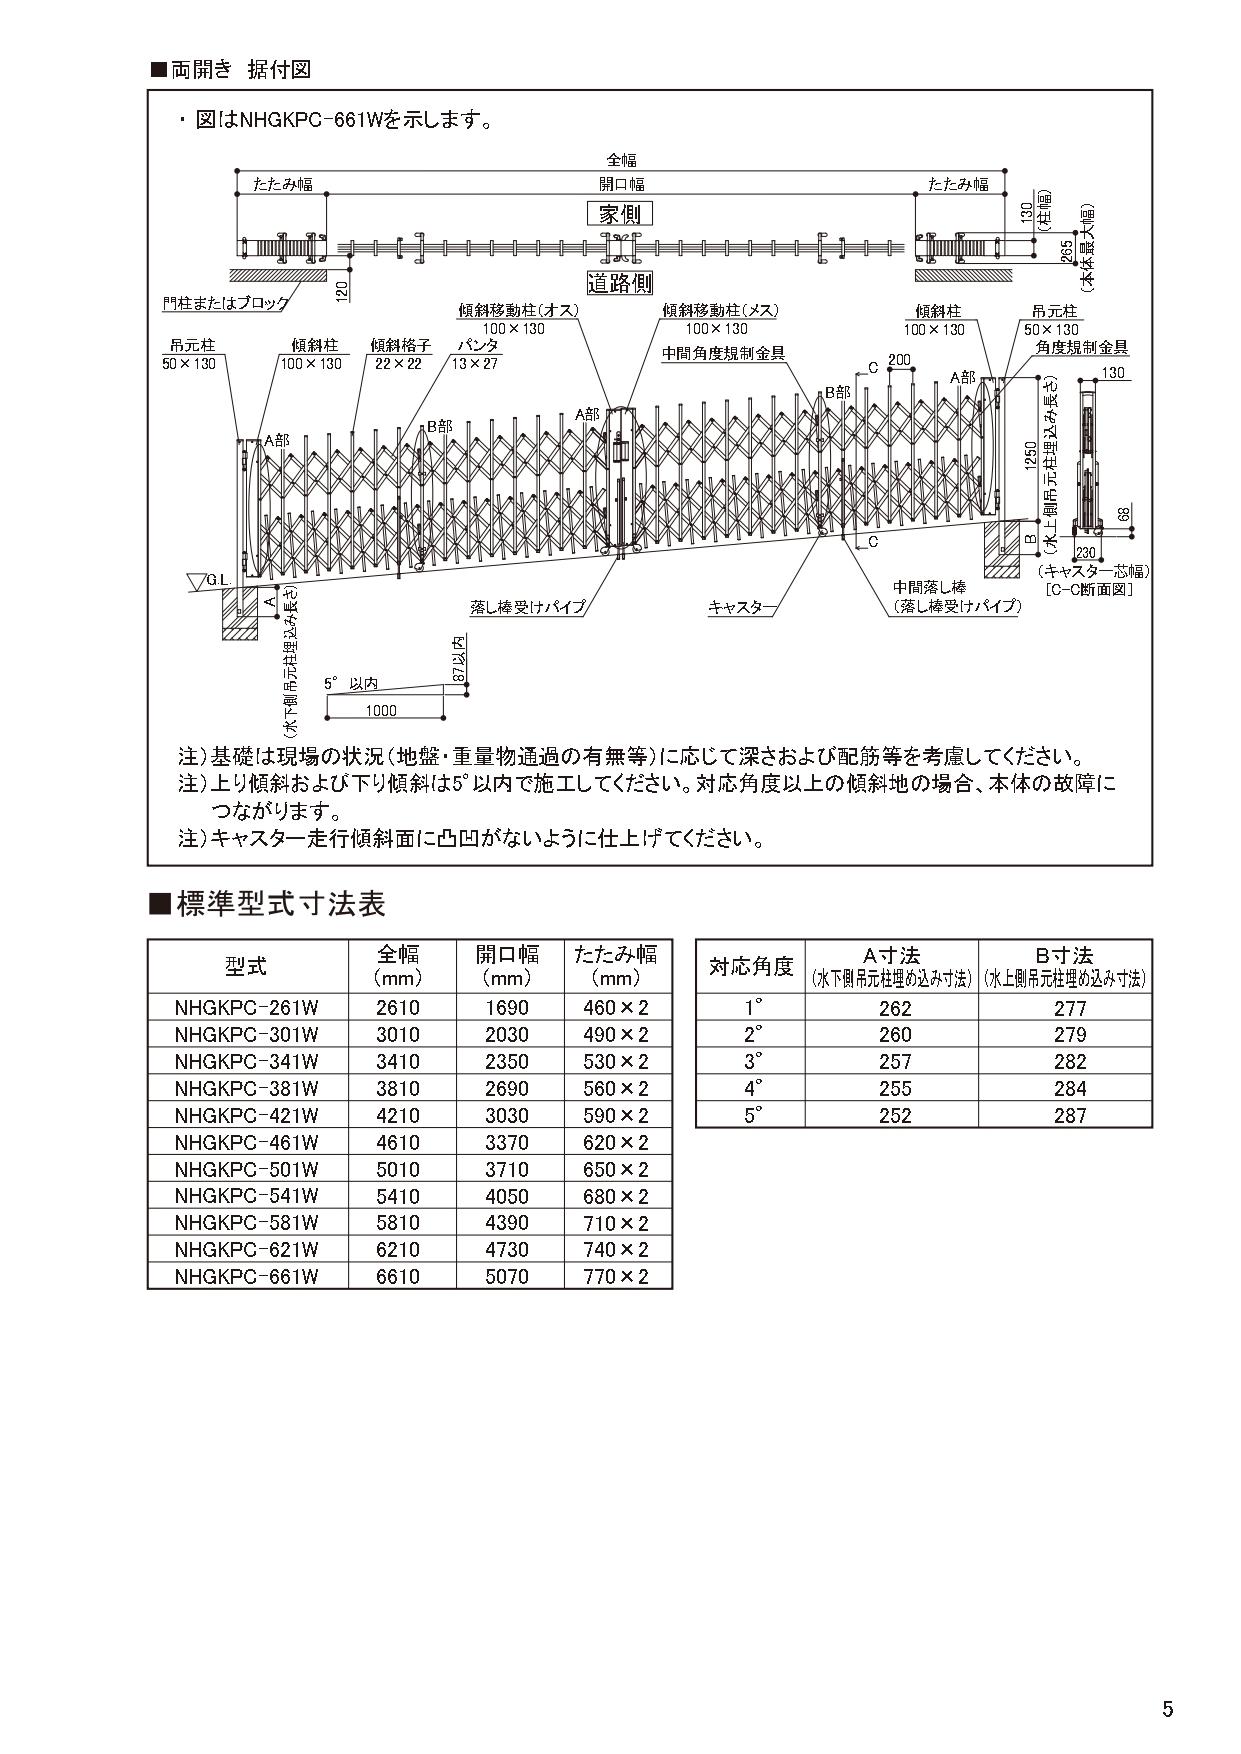 ニューハピネスHG 傾斜・ペットガードタイプ 施工説明書_page-0005